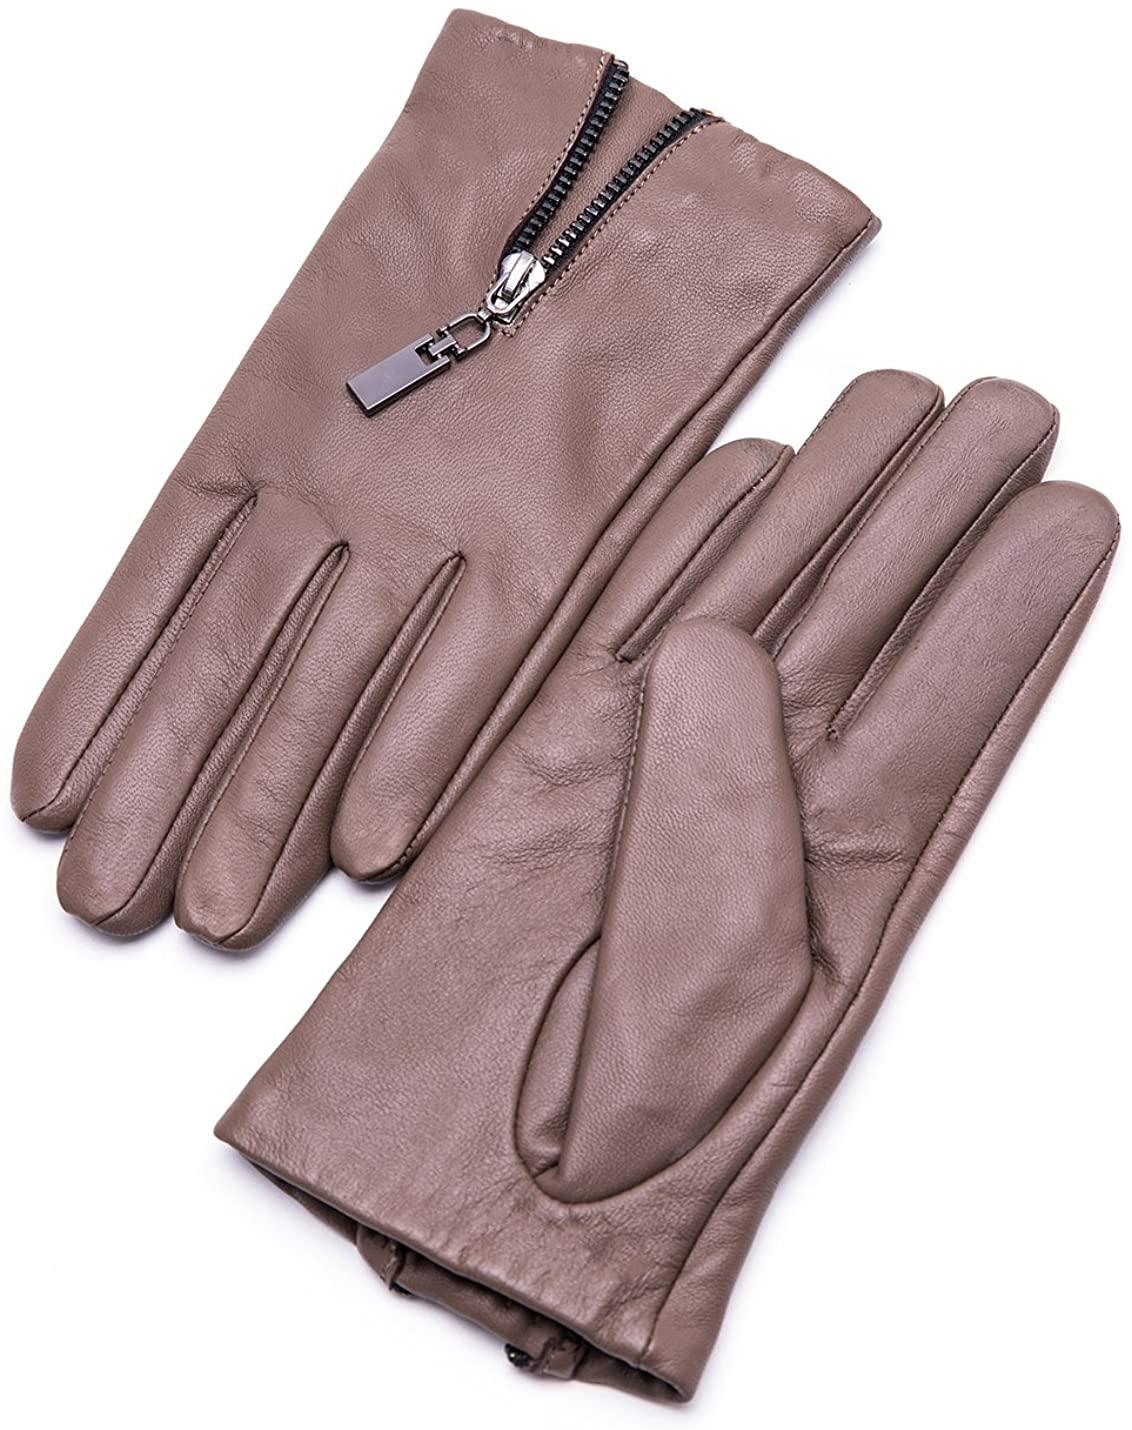 YISEVEN Womens Winter Driving Touchscreen Sheepskin Leather Gloves Zipper Short